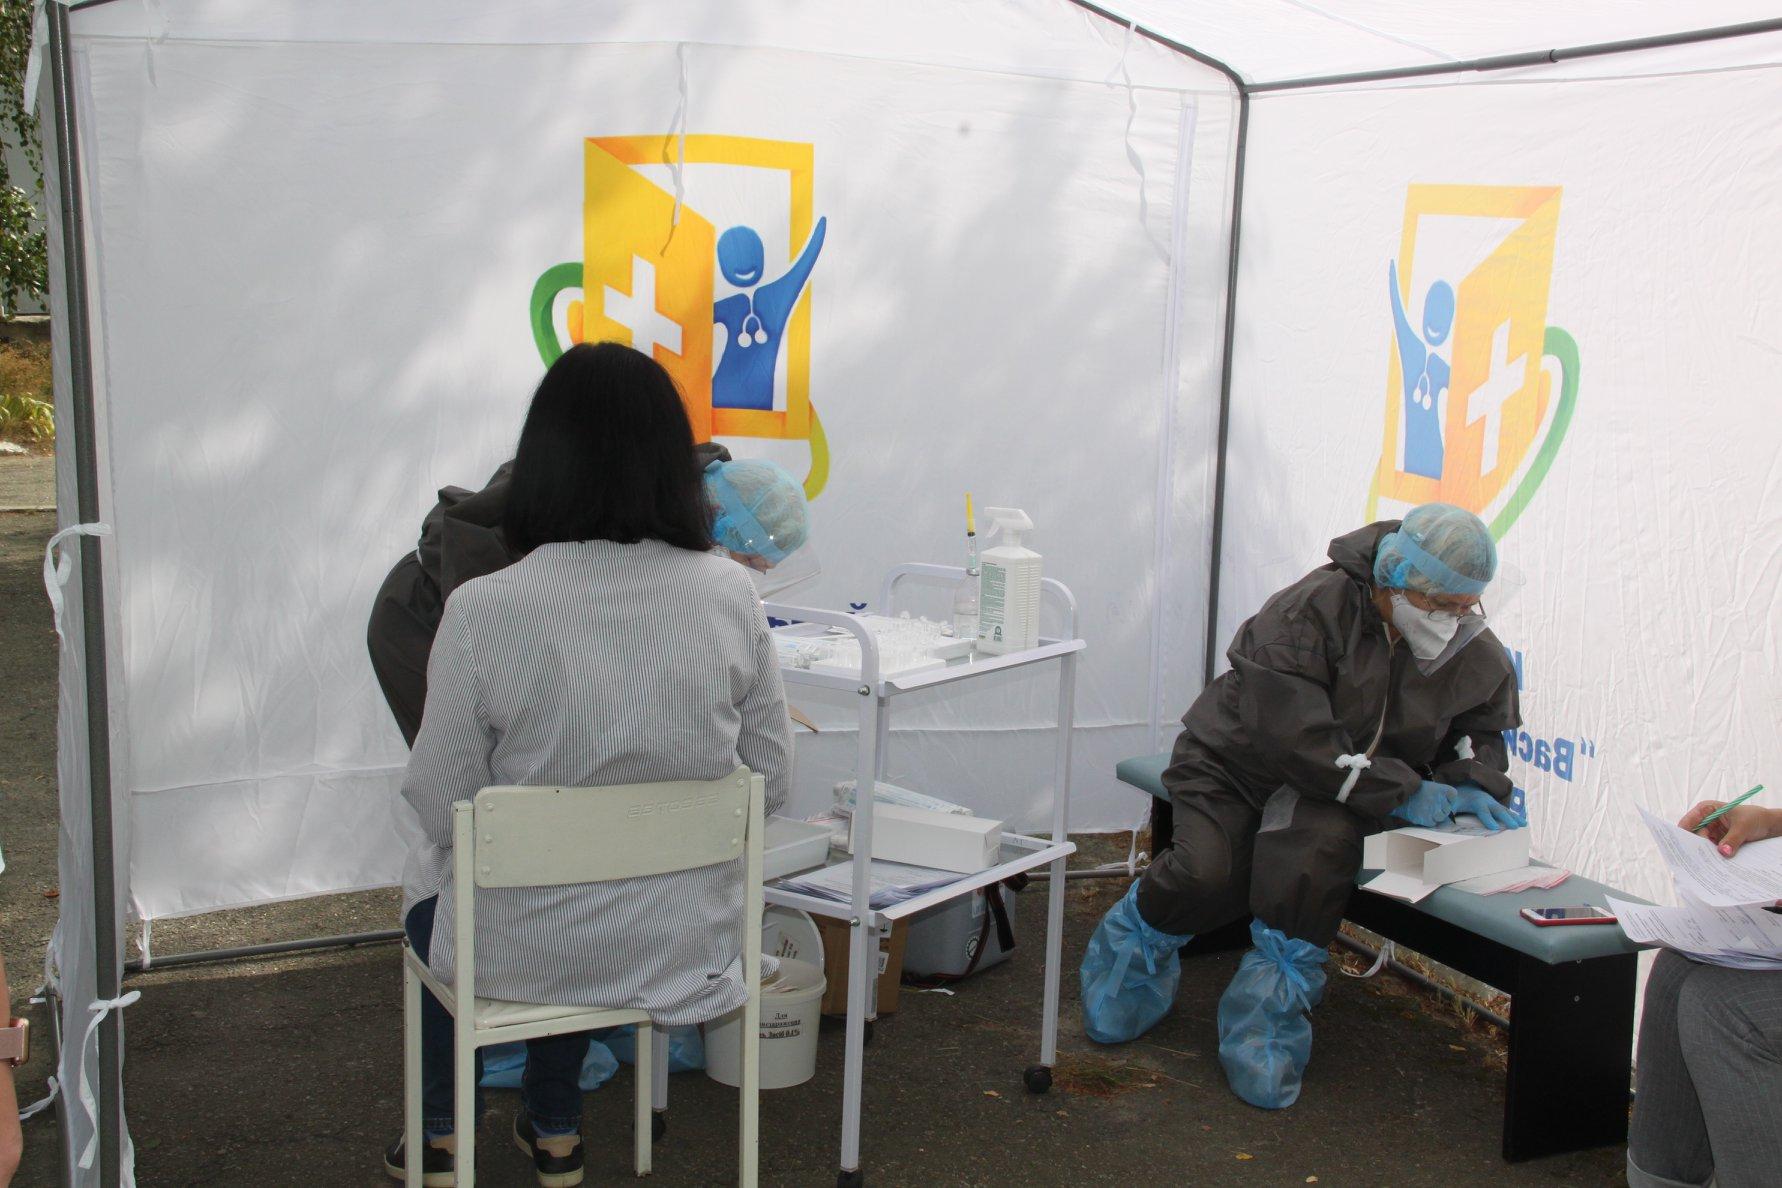 У Василькові відкрився мобільний пункт для ПЛР-тестування на COVID-19 - коронавірус - 119218437 2969154853189261 4645560845338477118 o